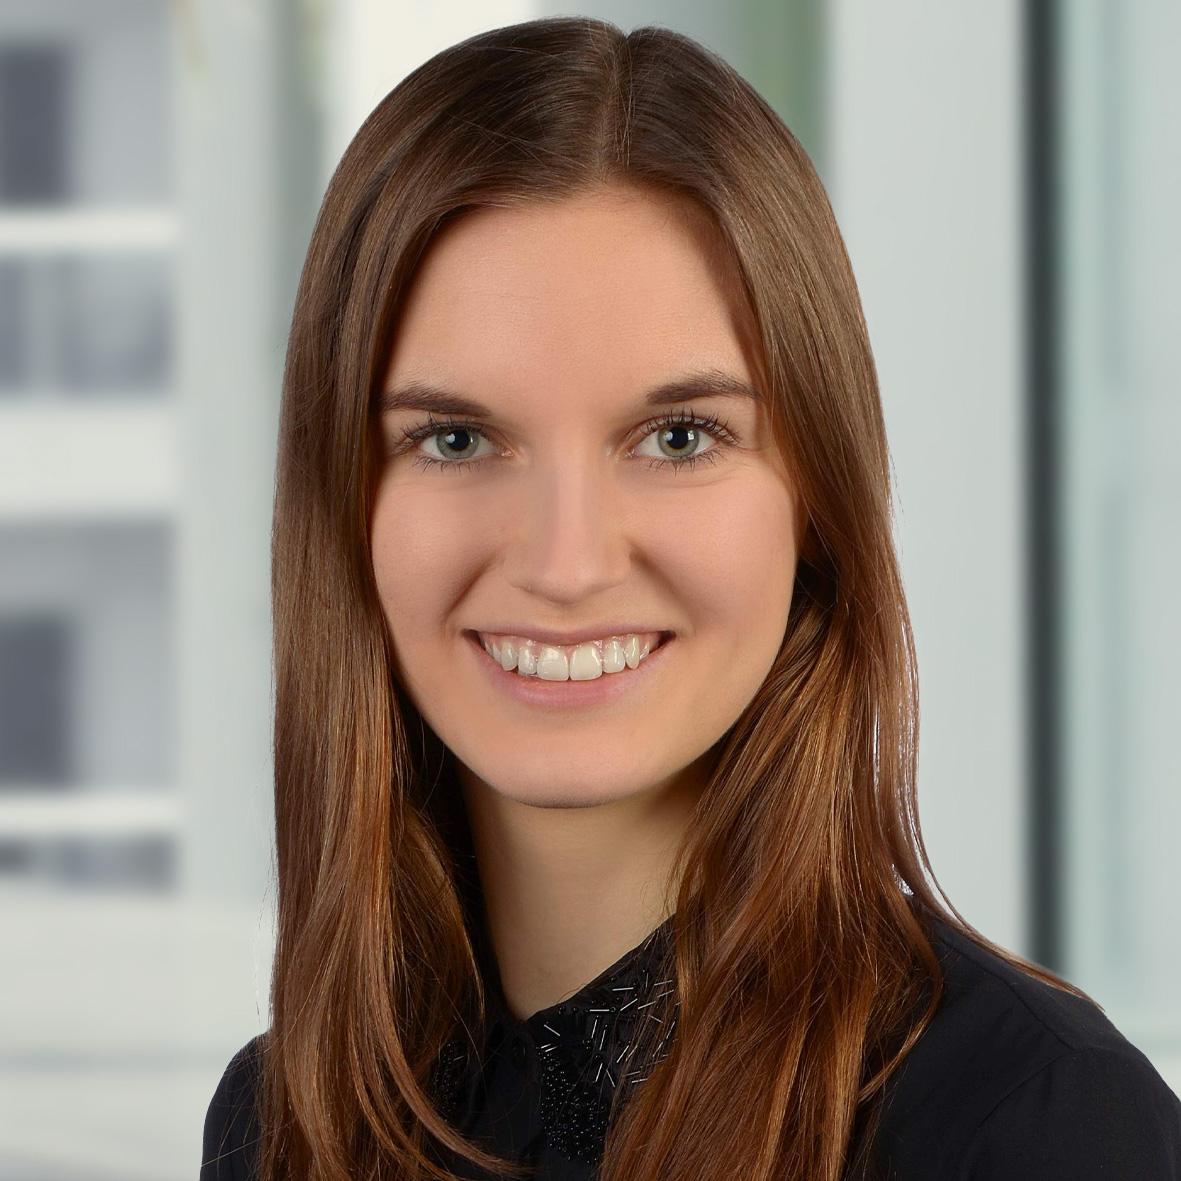 Leonie Zänglein